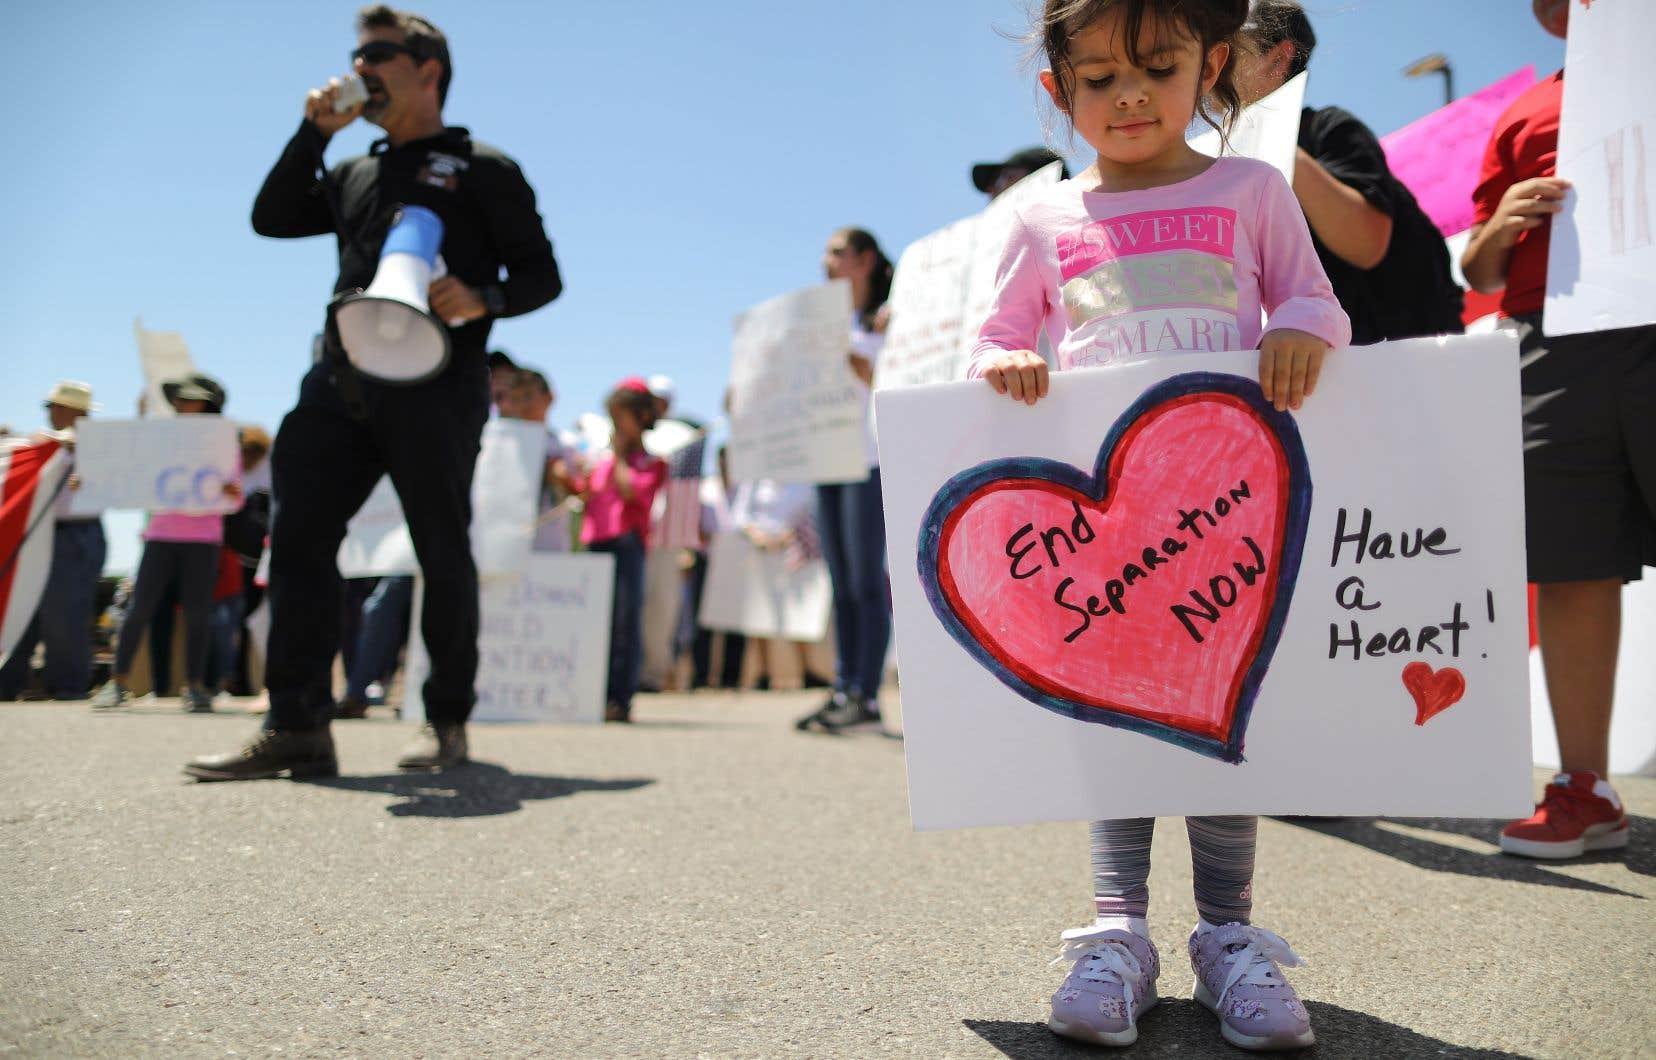 Des manifestants devant les locaux de la patrouille frontalière américaine où des avocats ont rapporté que des enfants migrants étaient détenus.